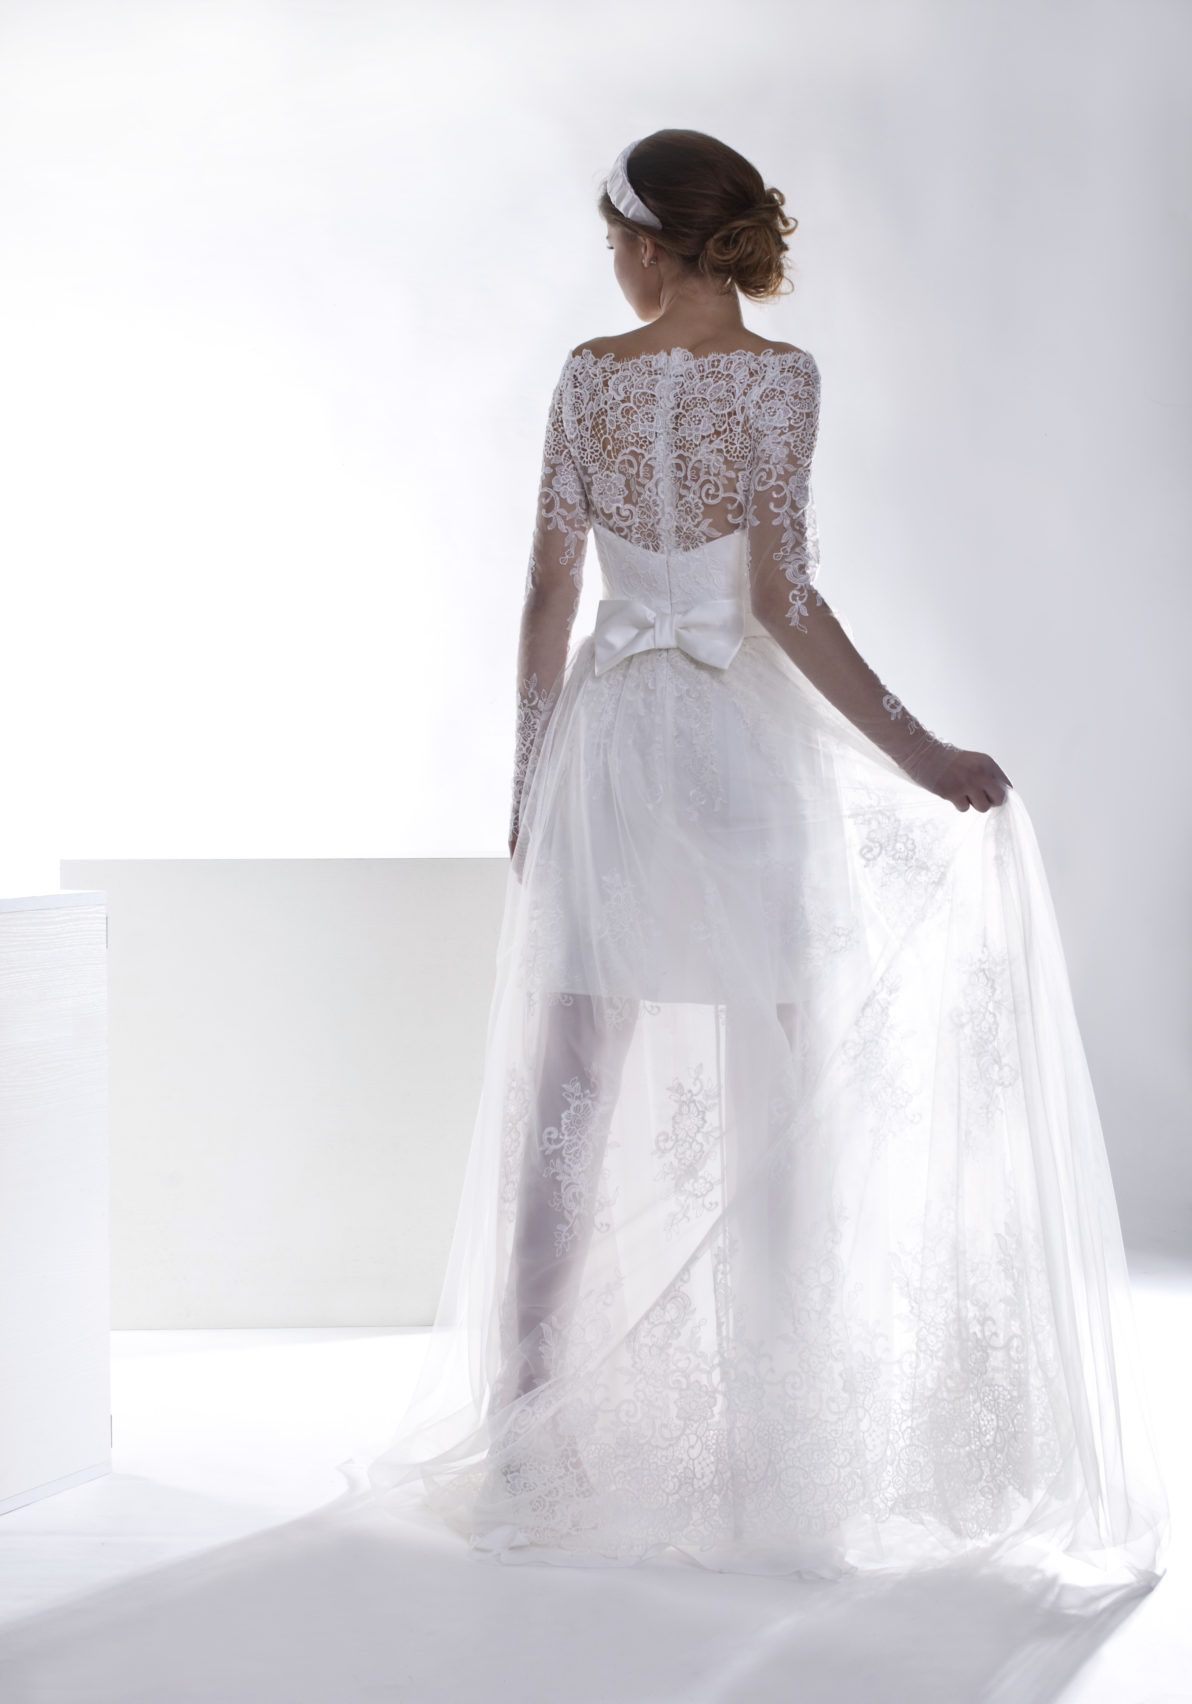 suknia ślubna cała z koronki z prześwitem na nogach